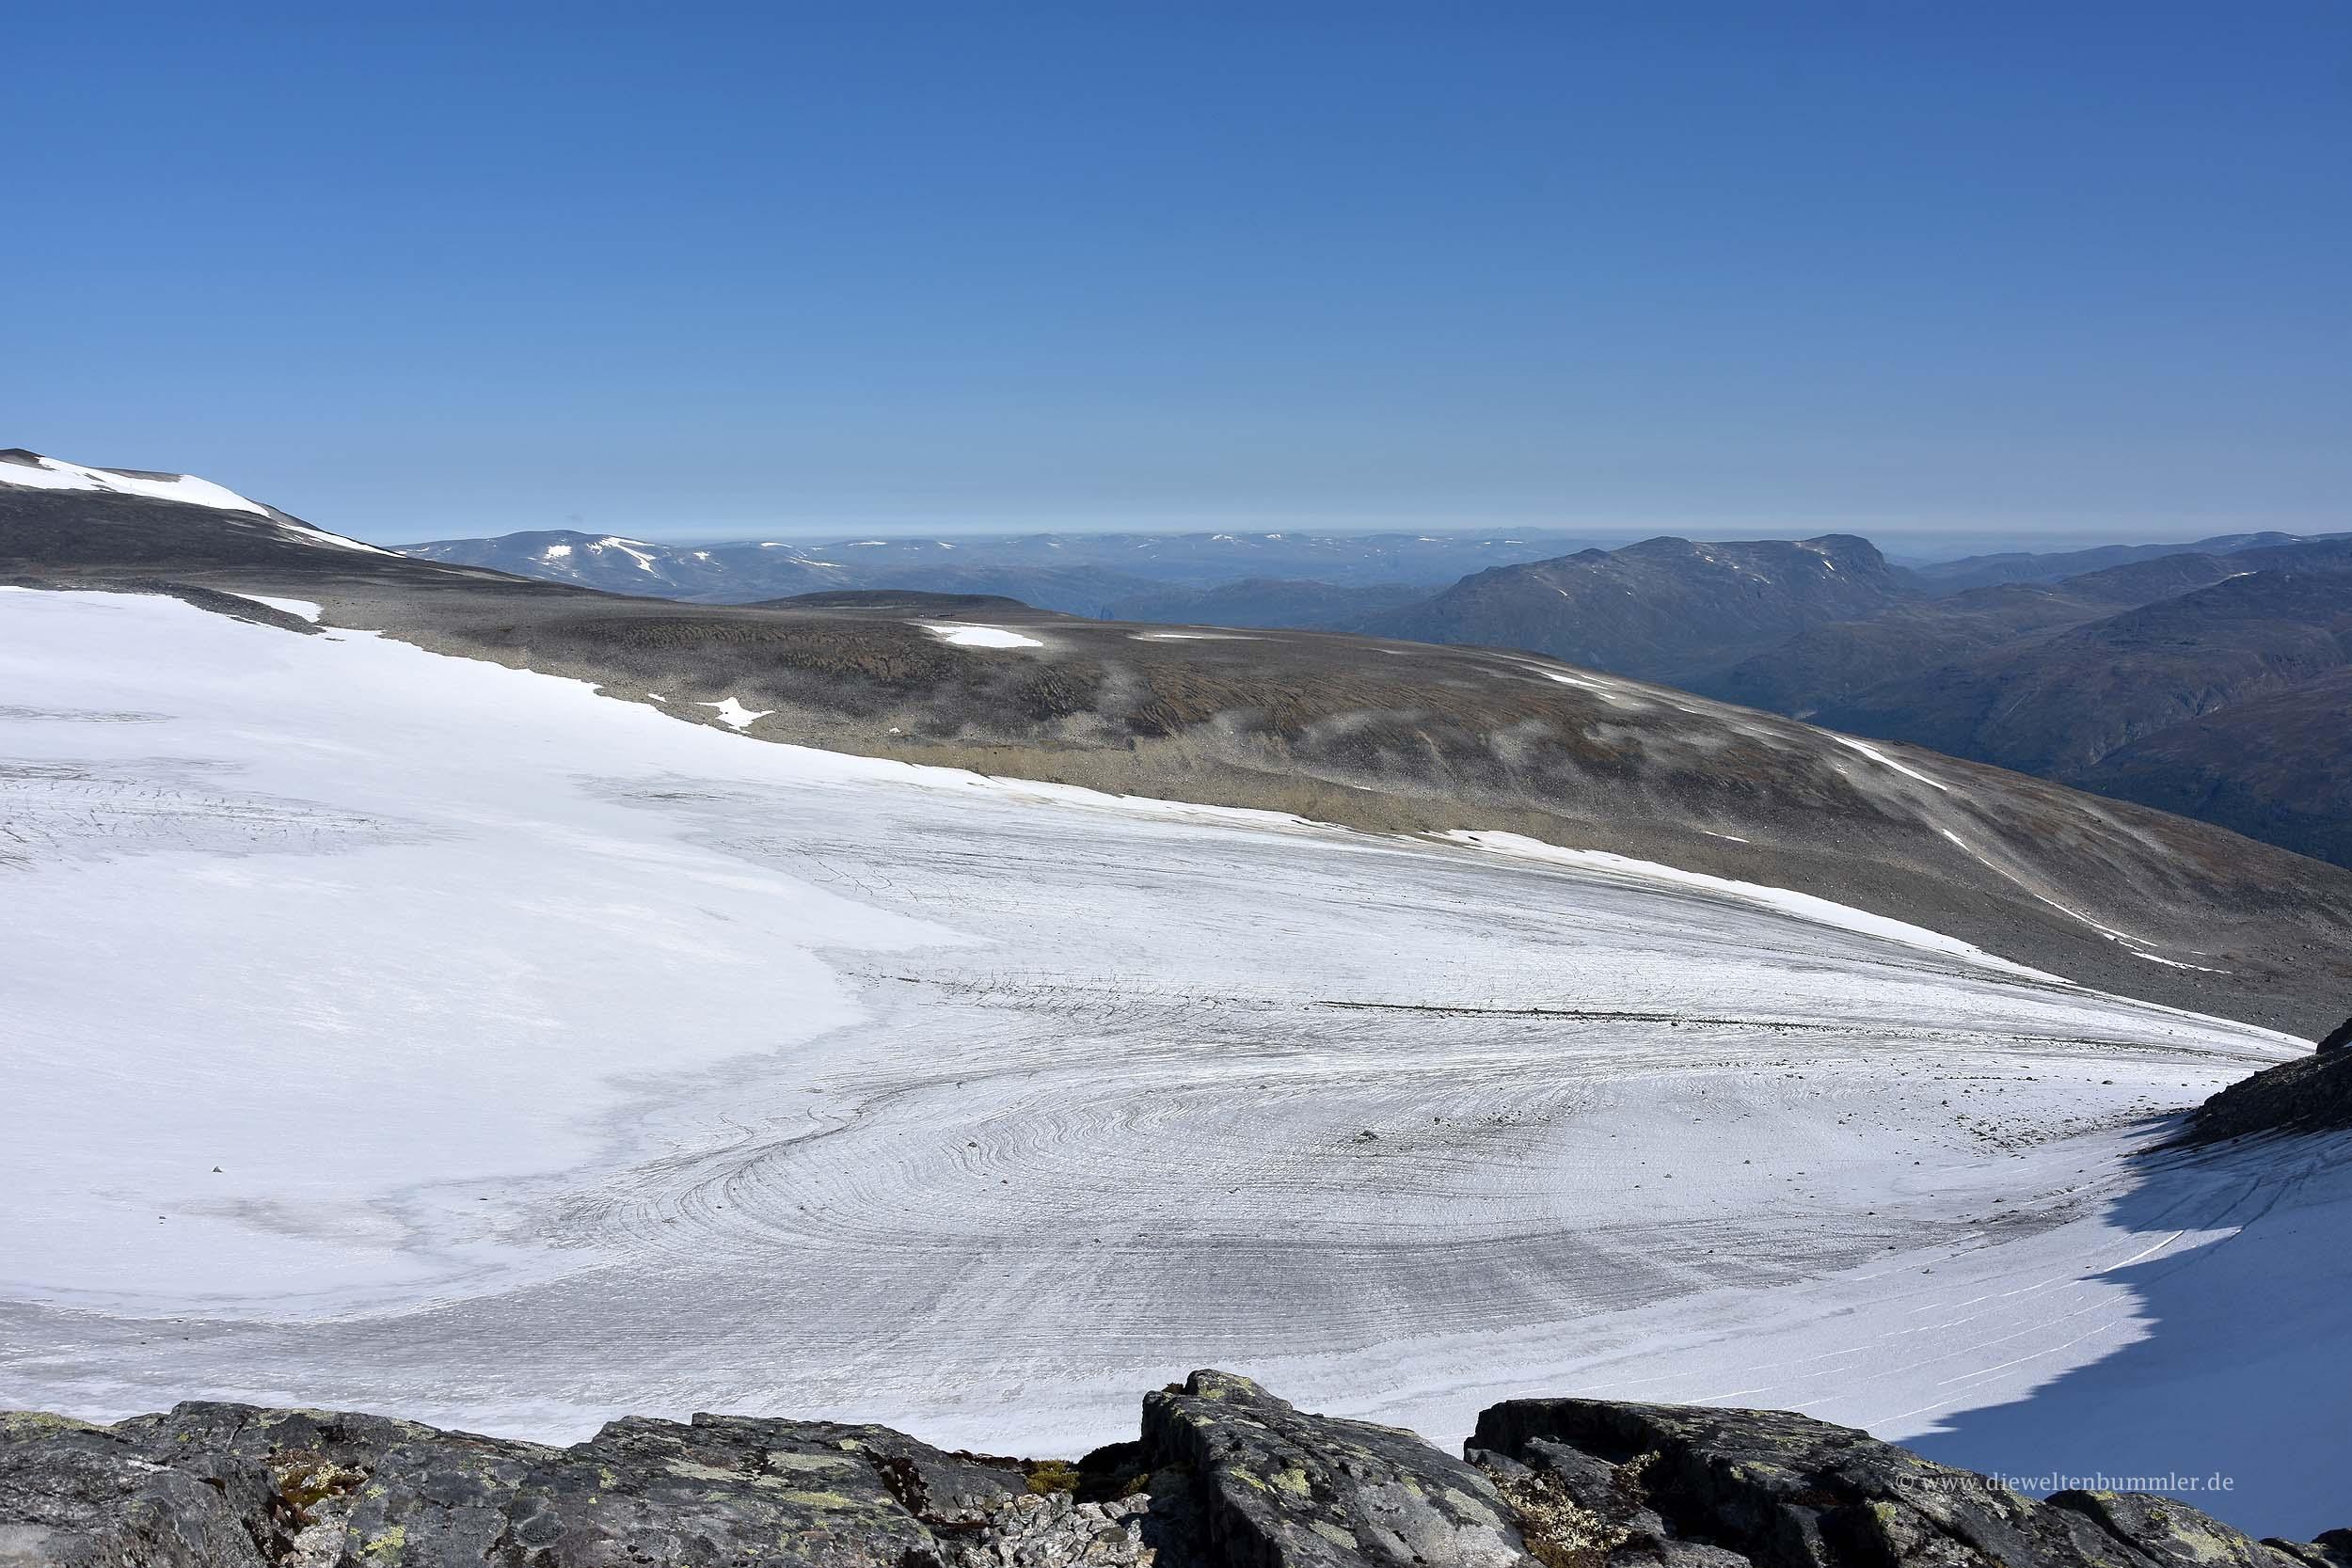 Blick auf den Gletscher